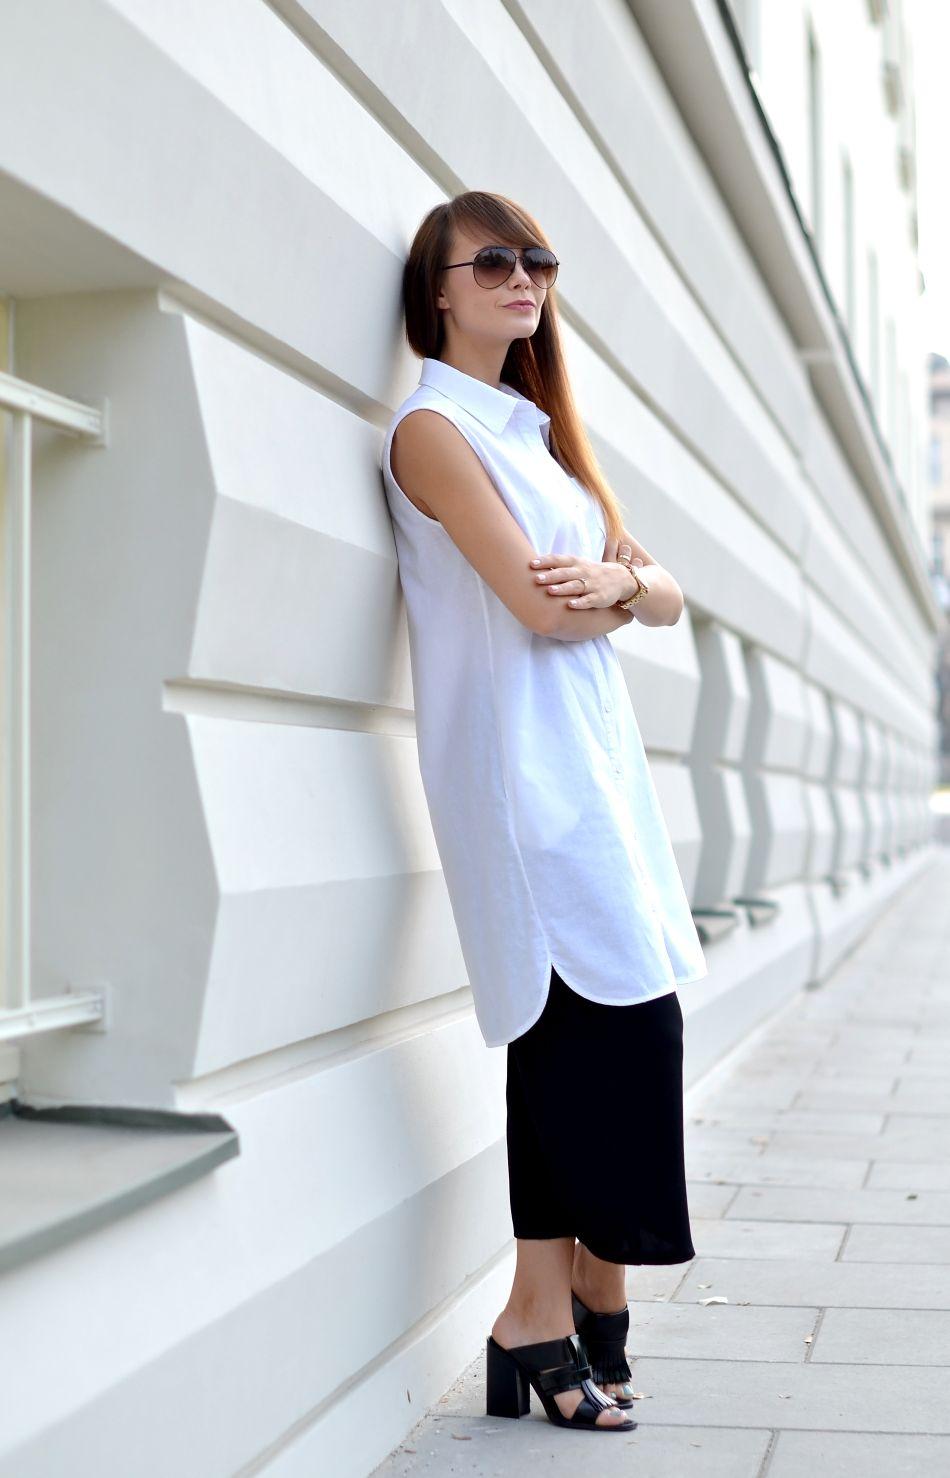 dluga biala koszula | koszula biala | koszula na lato | okulary fossil | spodnie kuloty | co to kuloty | blog modowy | blog z krakowa | najlepszy blog modowy